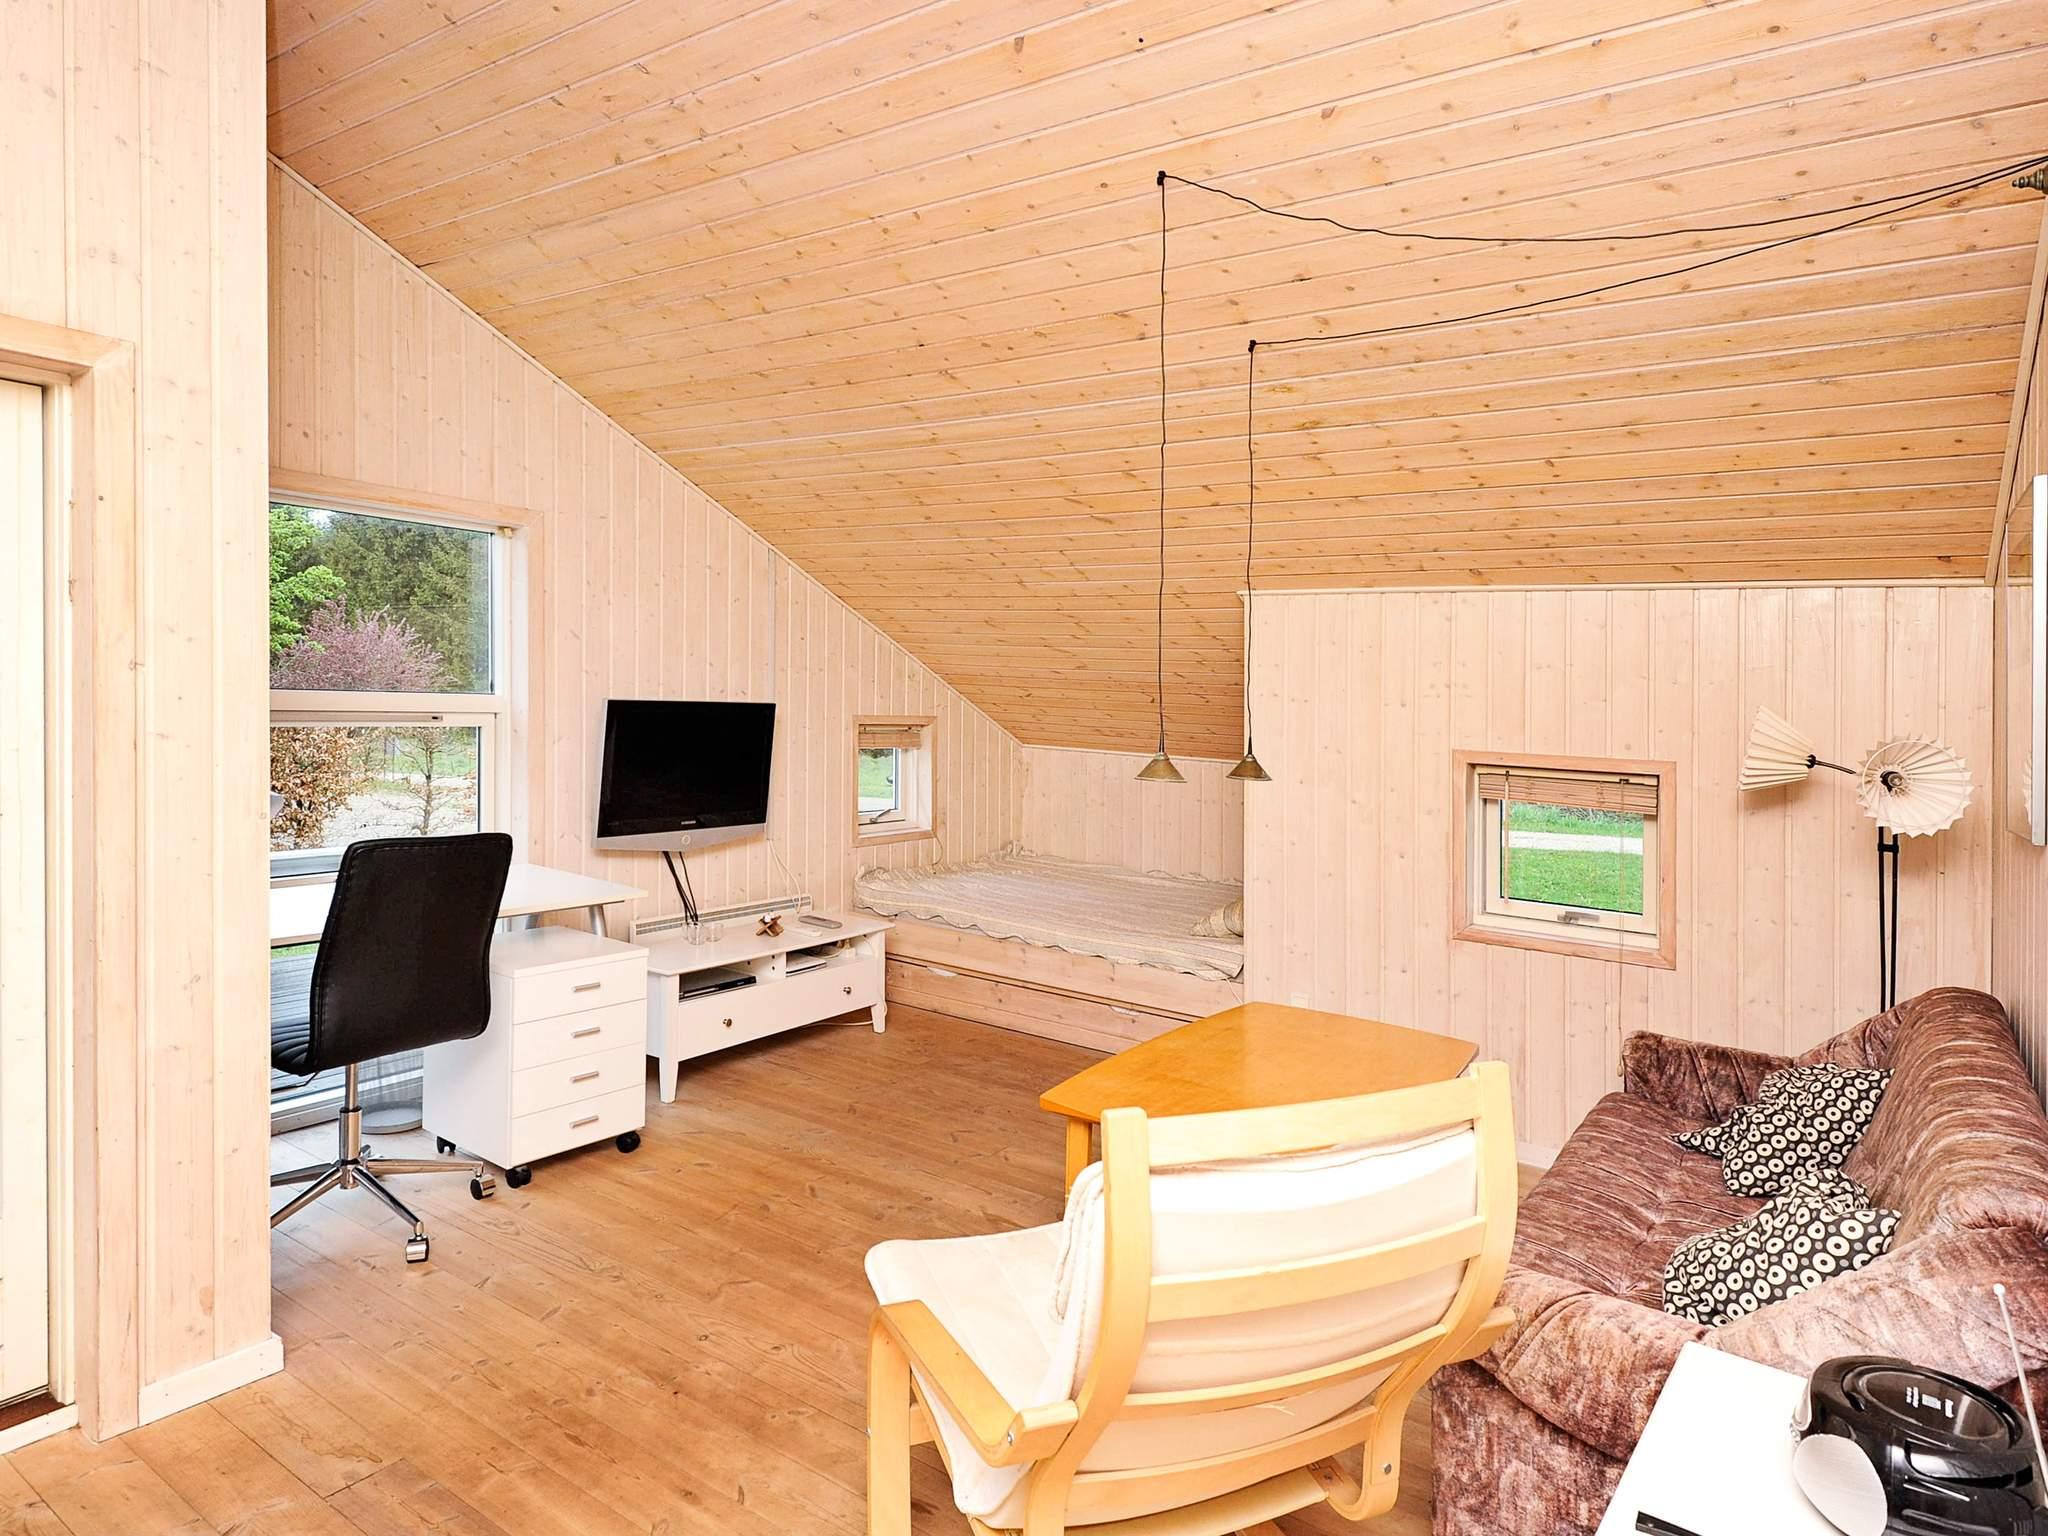 Ferienhaus Silkeborg (84068), Silkeborg, , Ostjütland, Dänemark, Bild 6